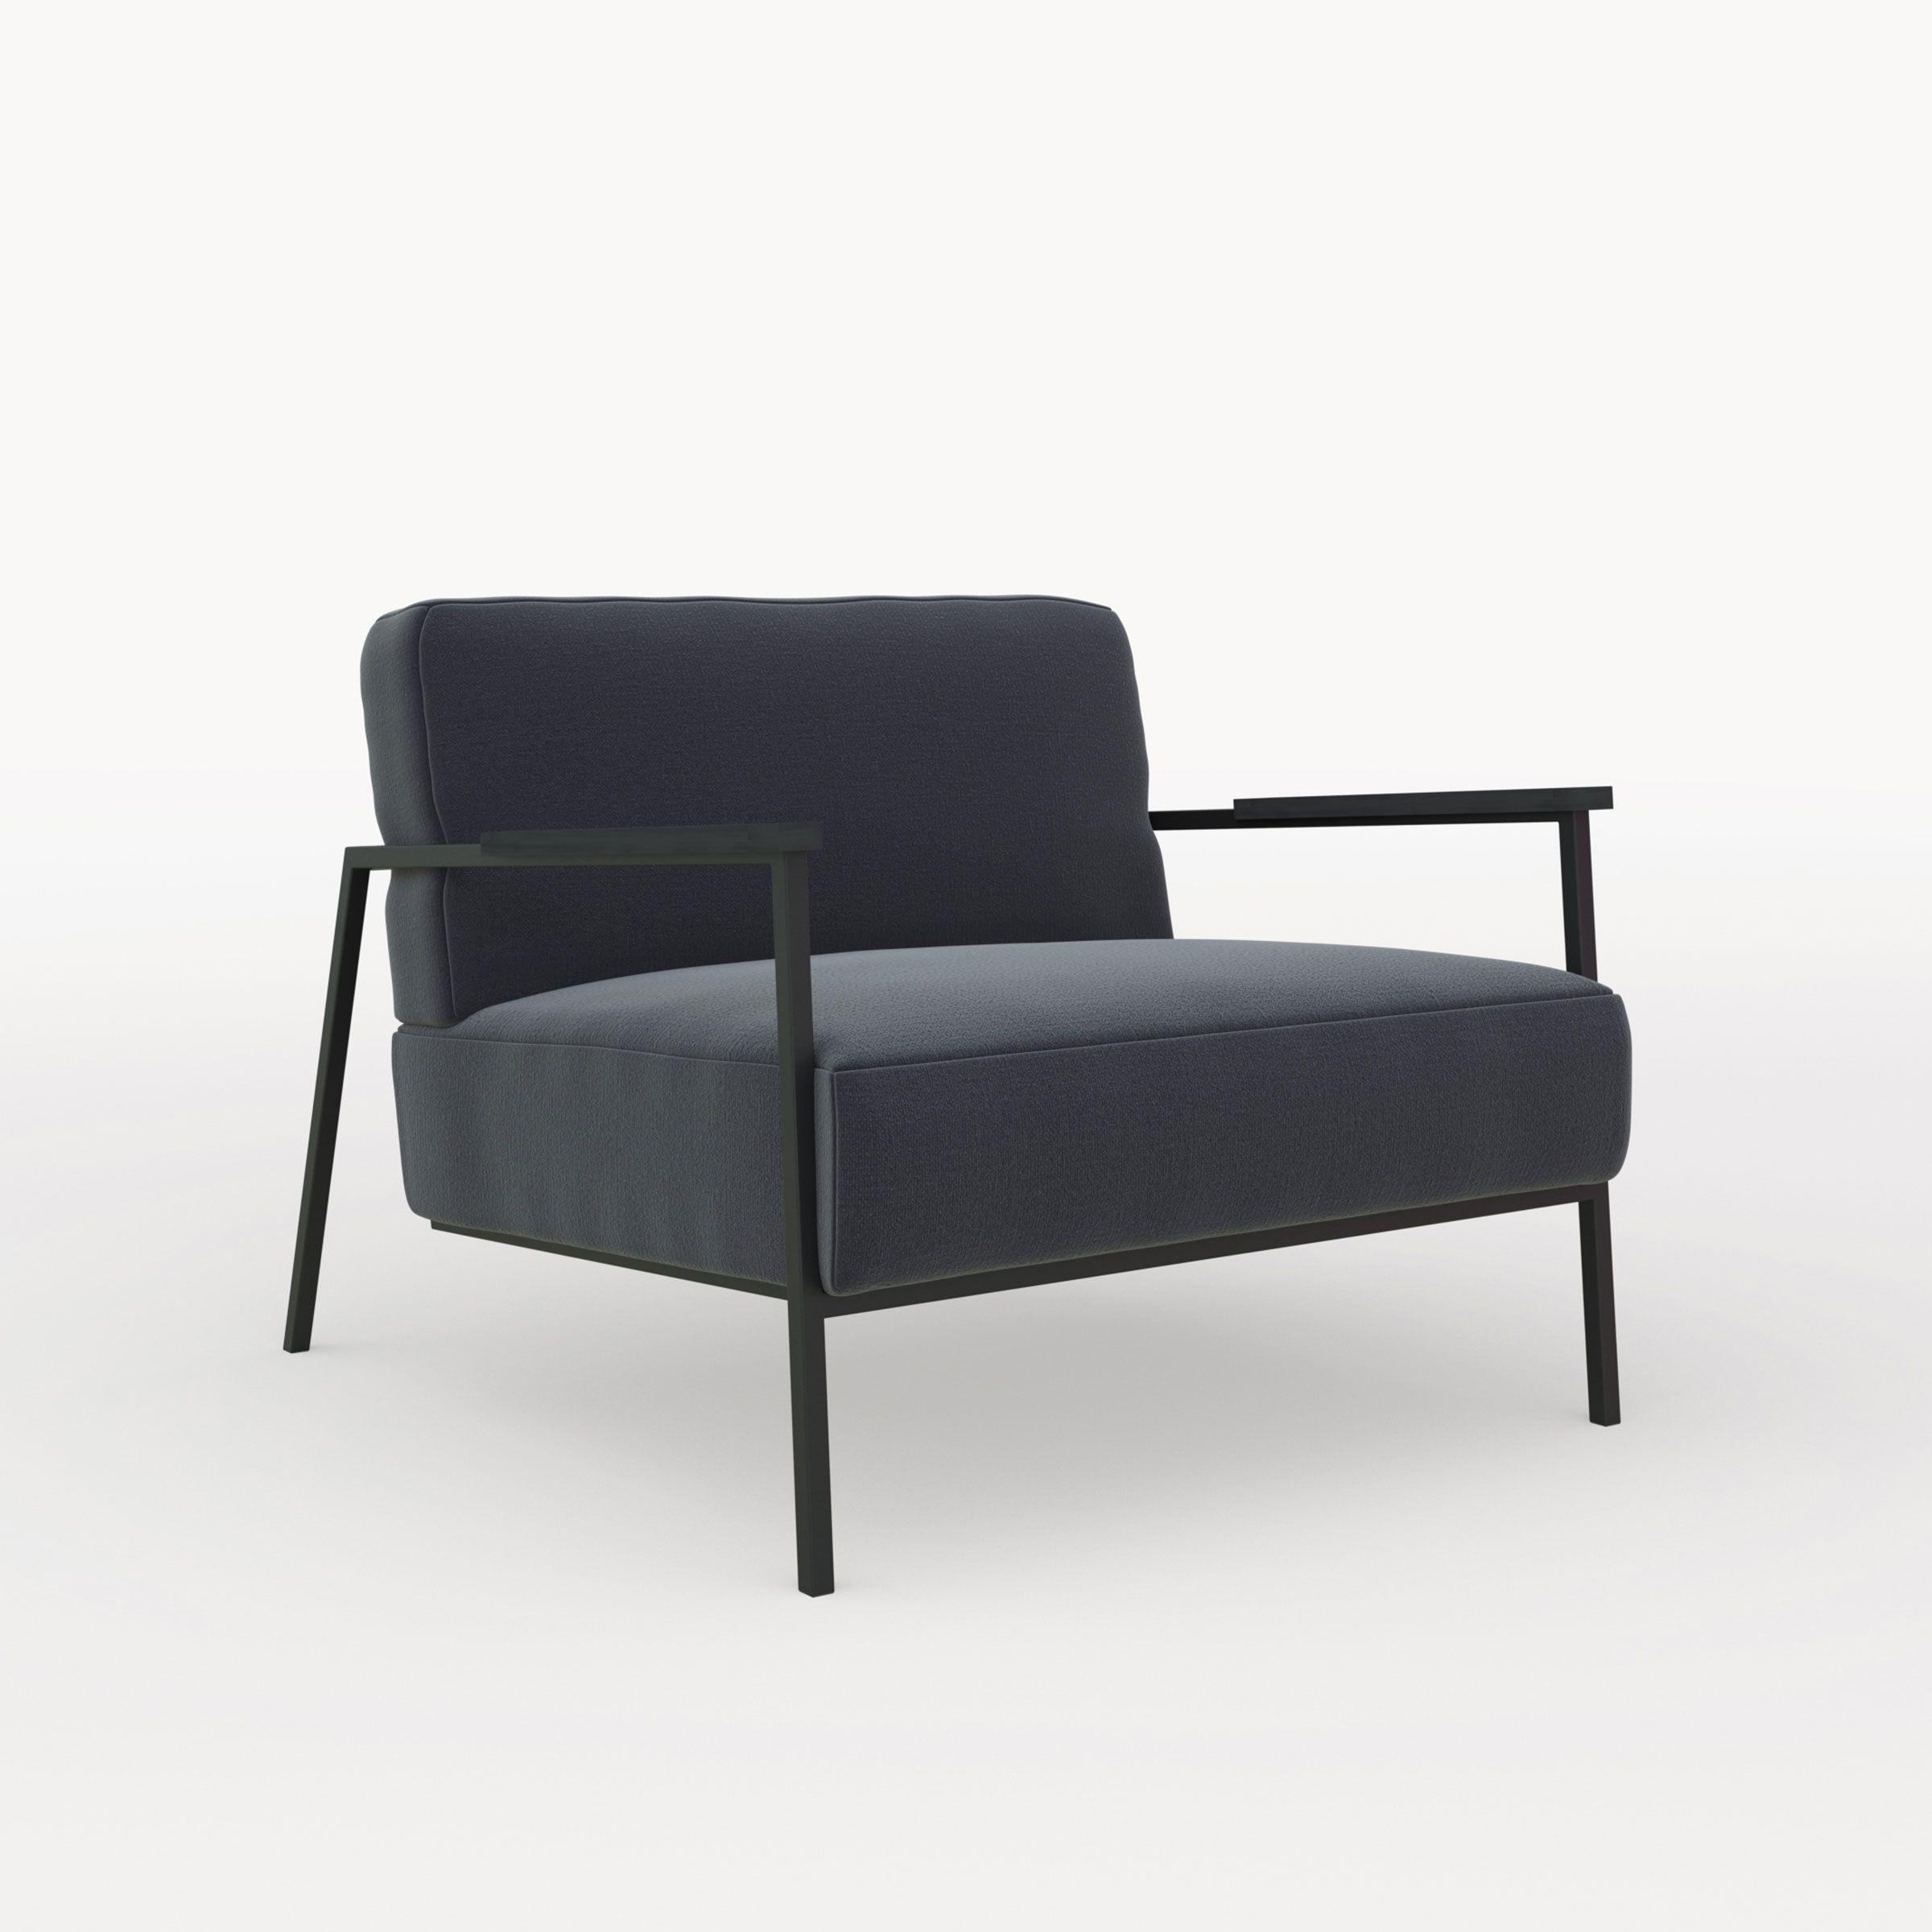 Design Fauteuil Co Lounge Stoel Studio Henk Kvadrat Modern Meubeldesign Meubel Ideeën Stoelen